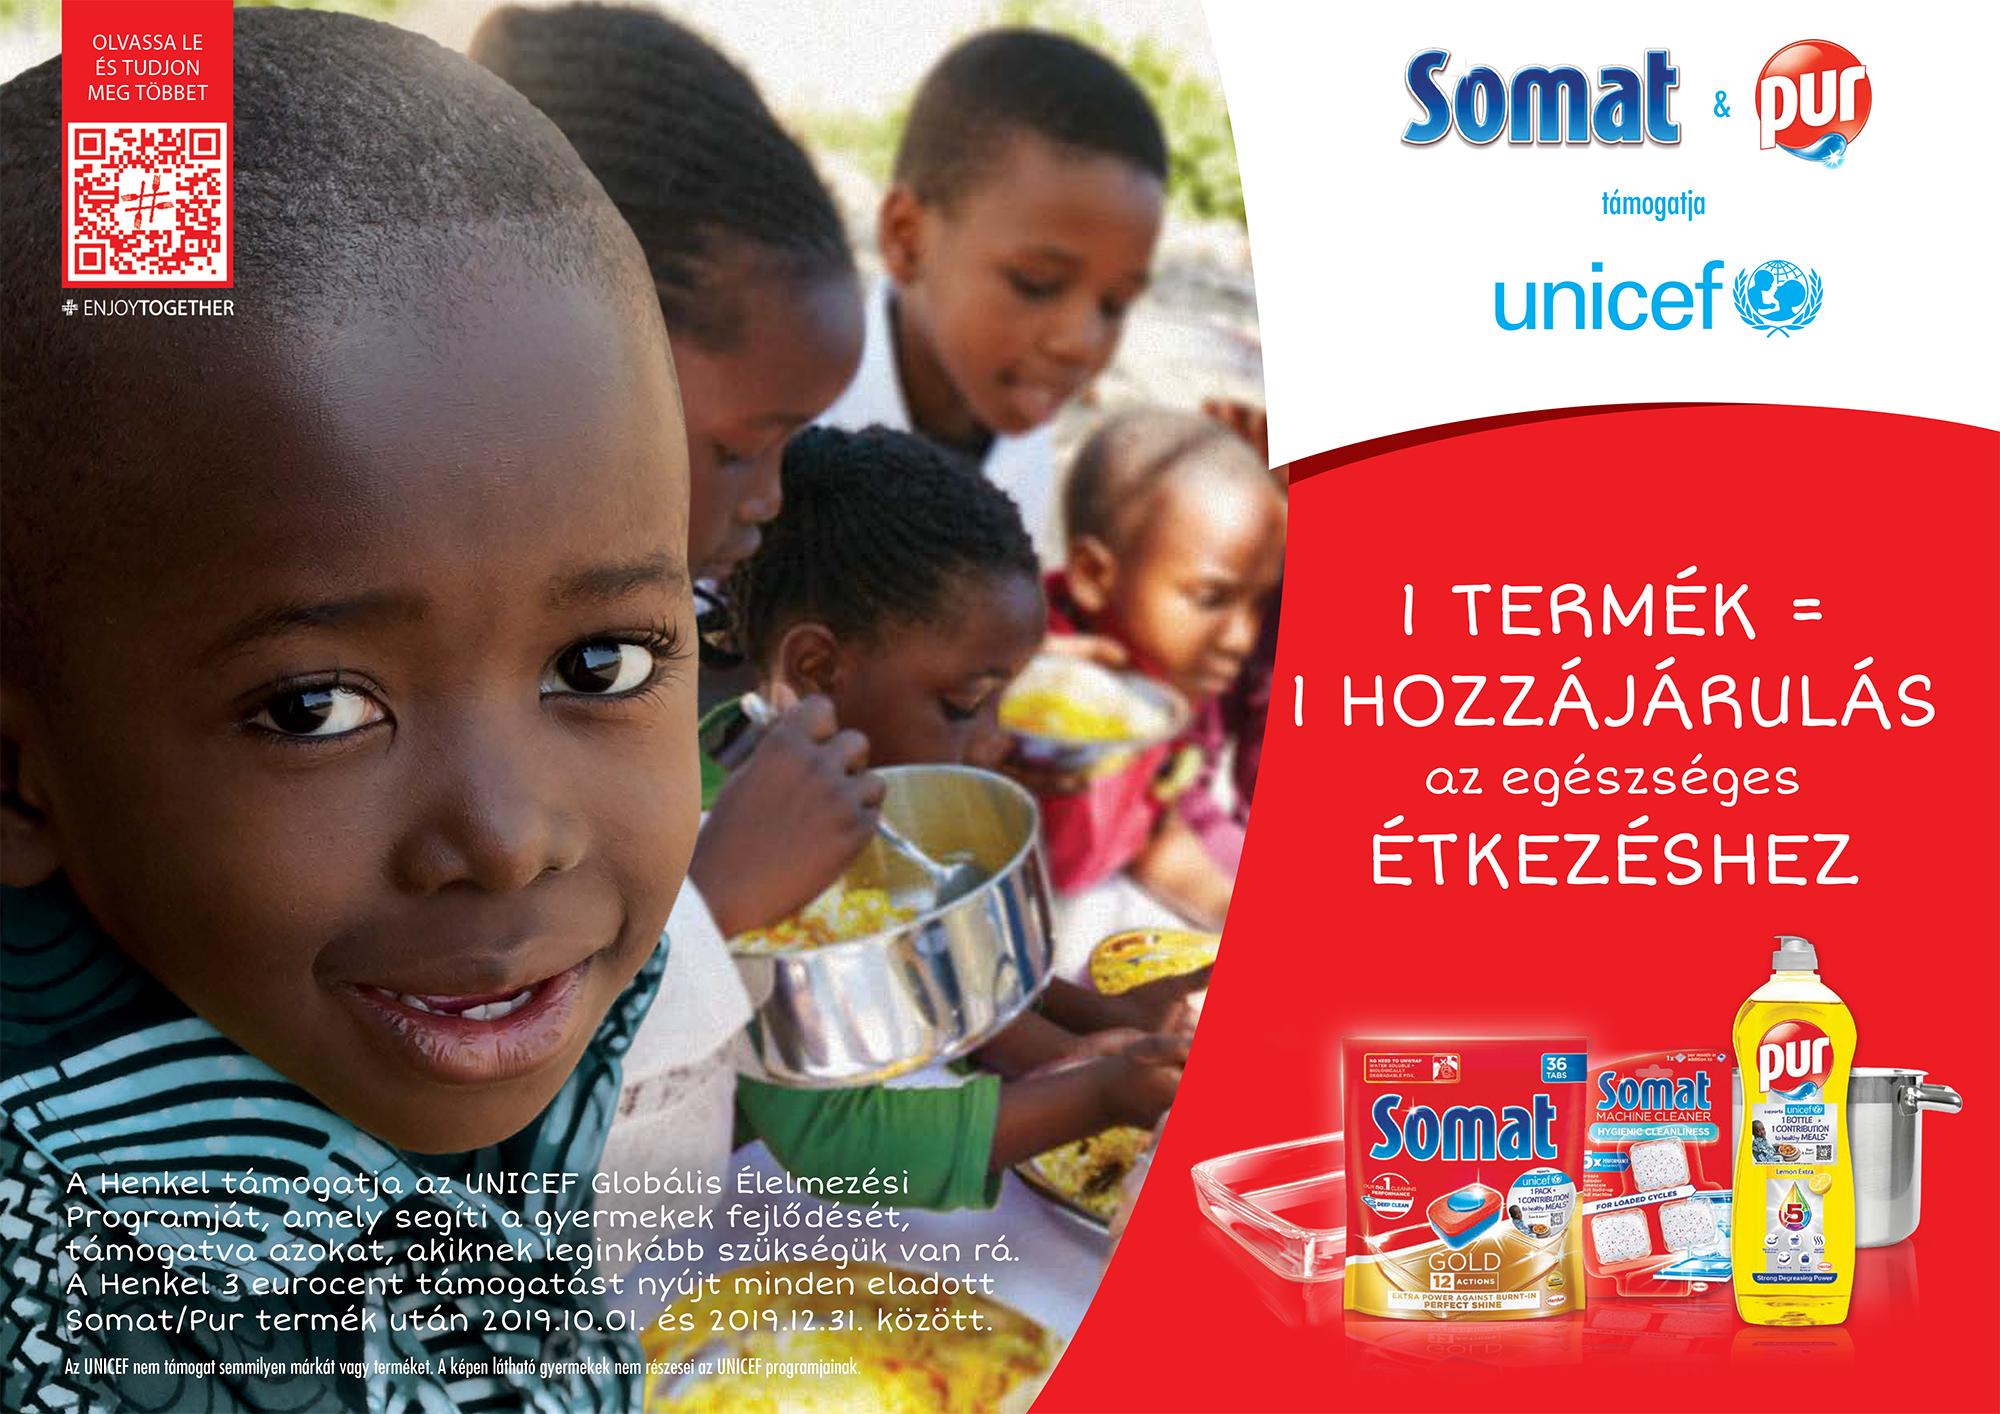 A Somat és a Pur is támogatja az UNICEF Globális Élelmezési Programját: 1 termék = 1 egészséges étkezéshez való hozzájárulás